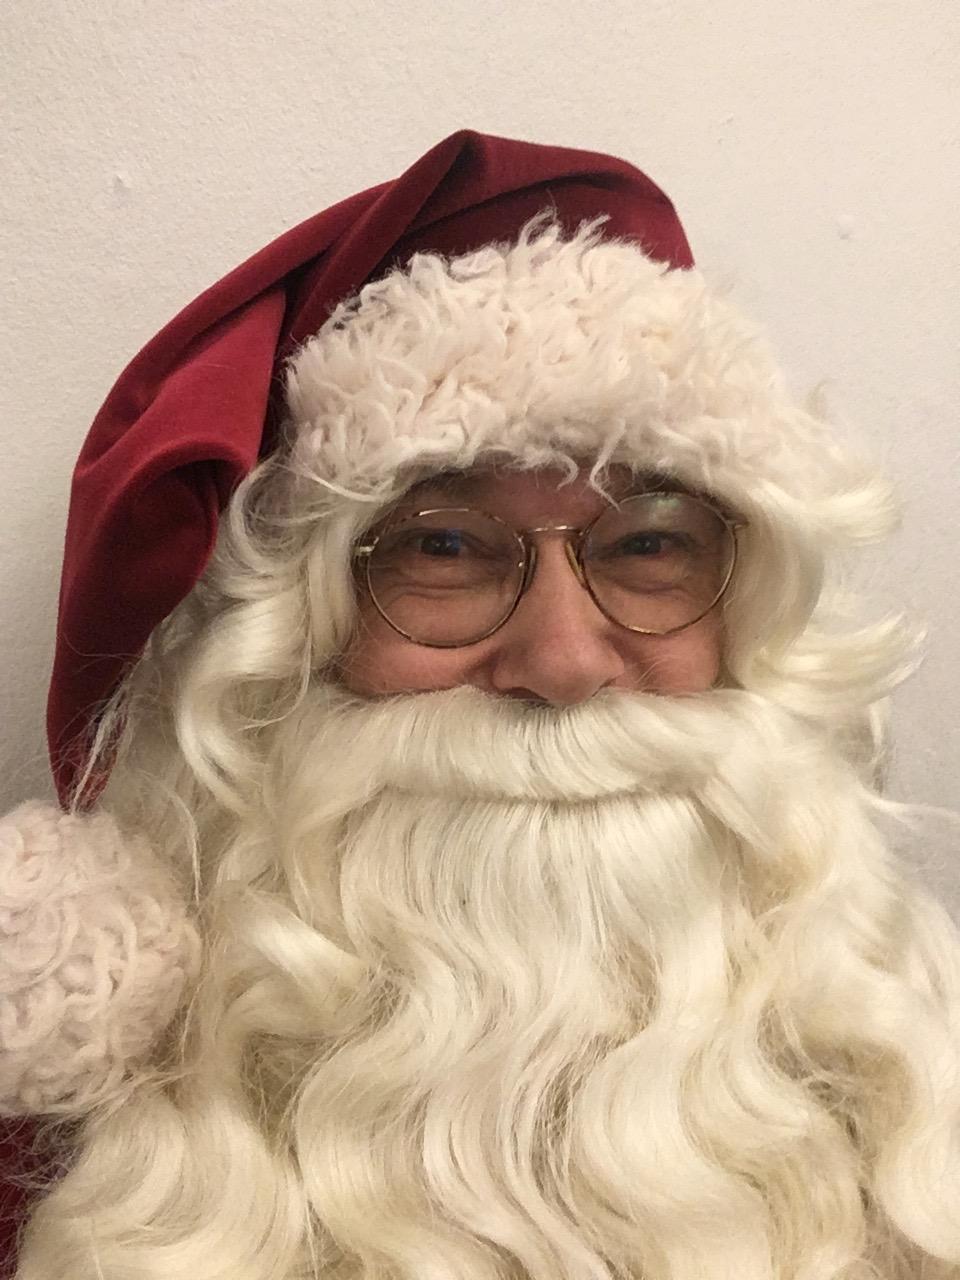 Julemanden Jesper Gilbert underholder til juletræsfest jespgilbert.dk